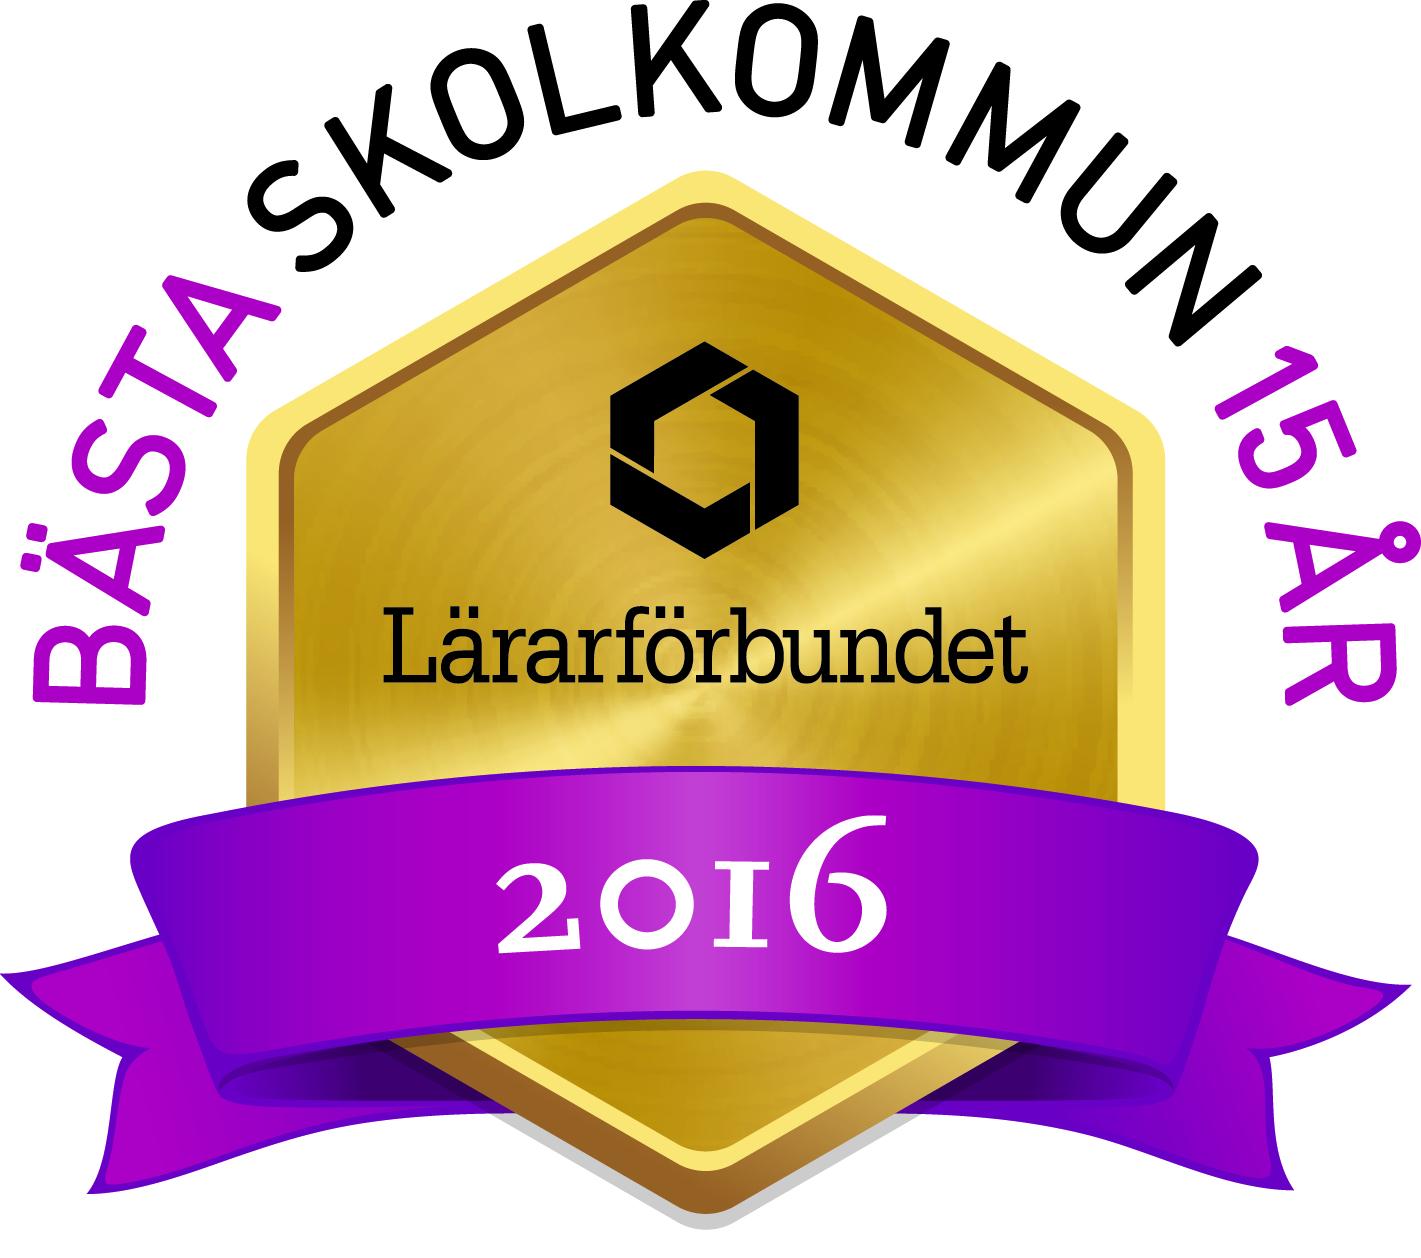 sveriges bästa dejtingsida Karlshamn